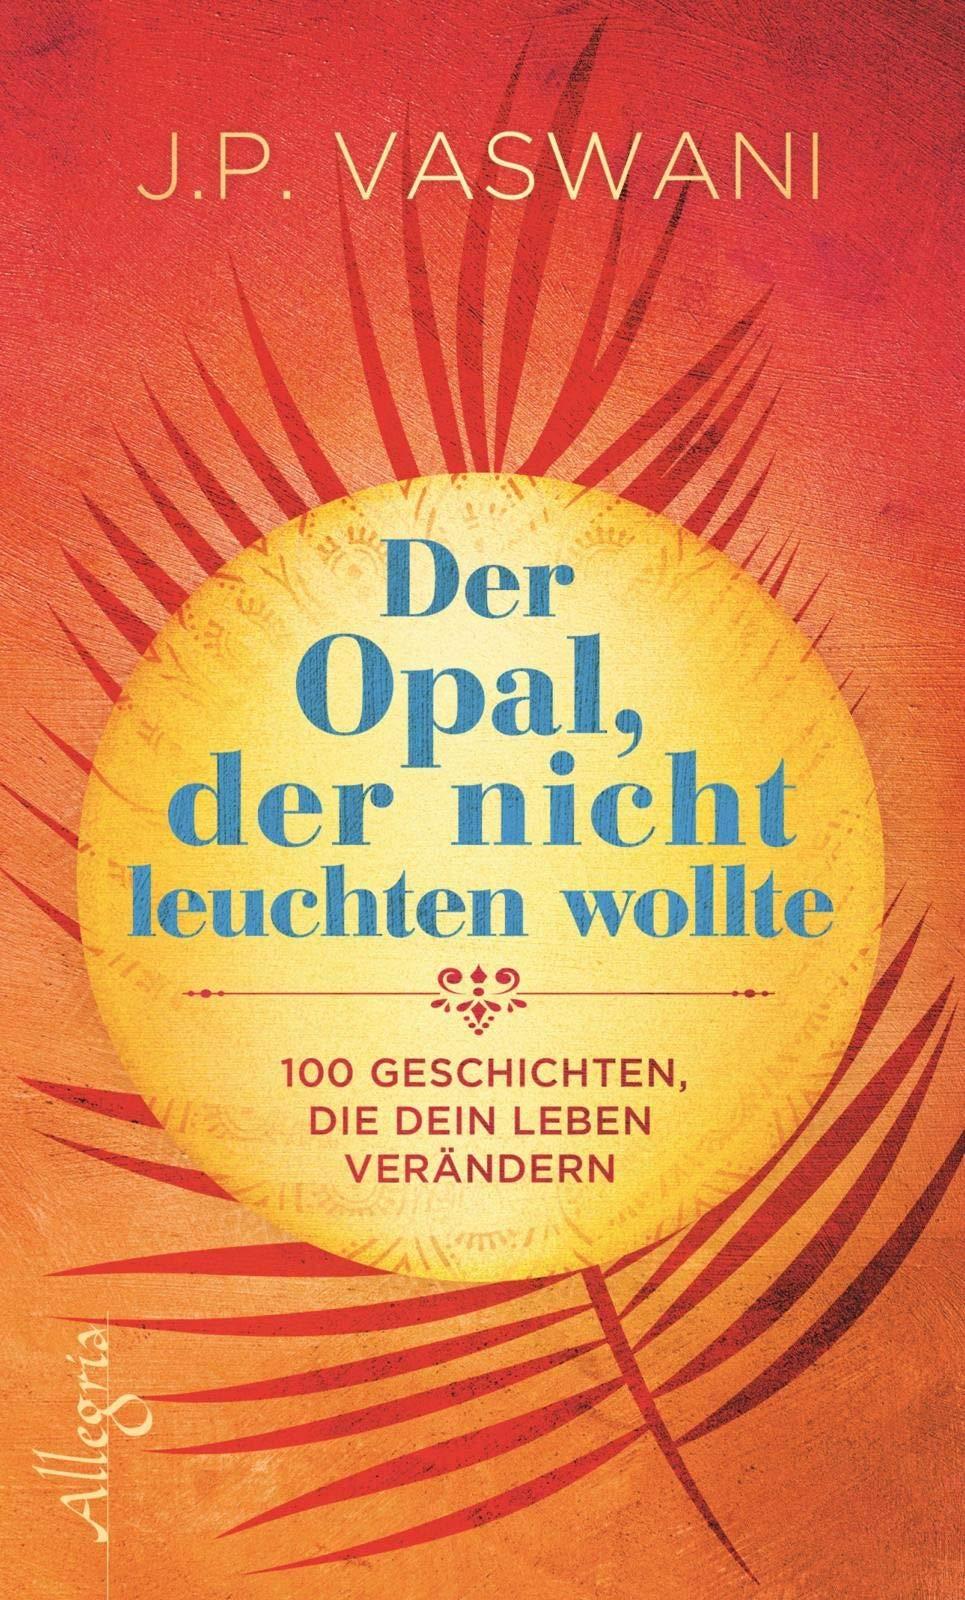 Der Opal Der Nicht Leuchten Wollte  100 Geschichten Die Dein Leben Verändern